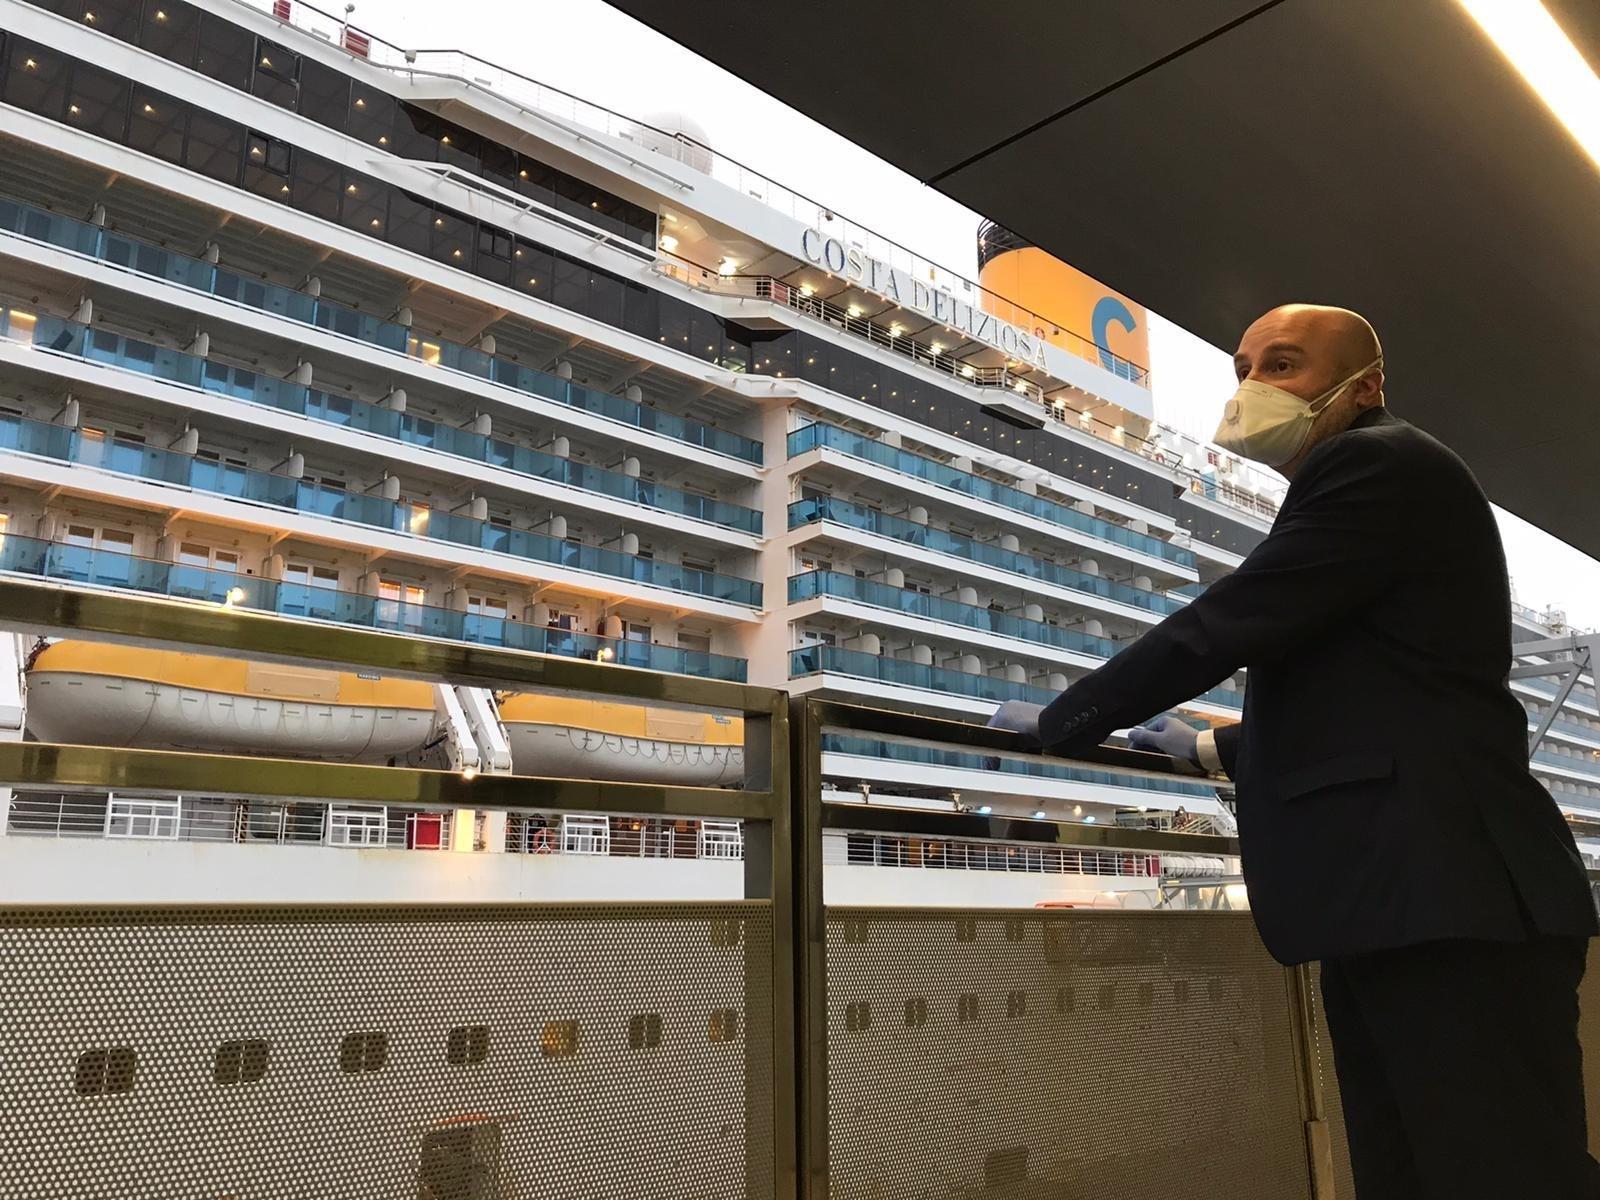 Un passatger amb mascareta del creuer al qual s'ha permès desembarcar a Barcelona malgrat el confinament / Europa Press